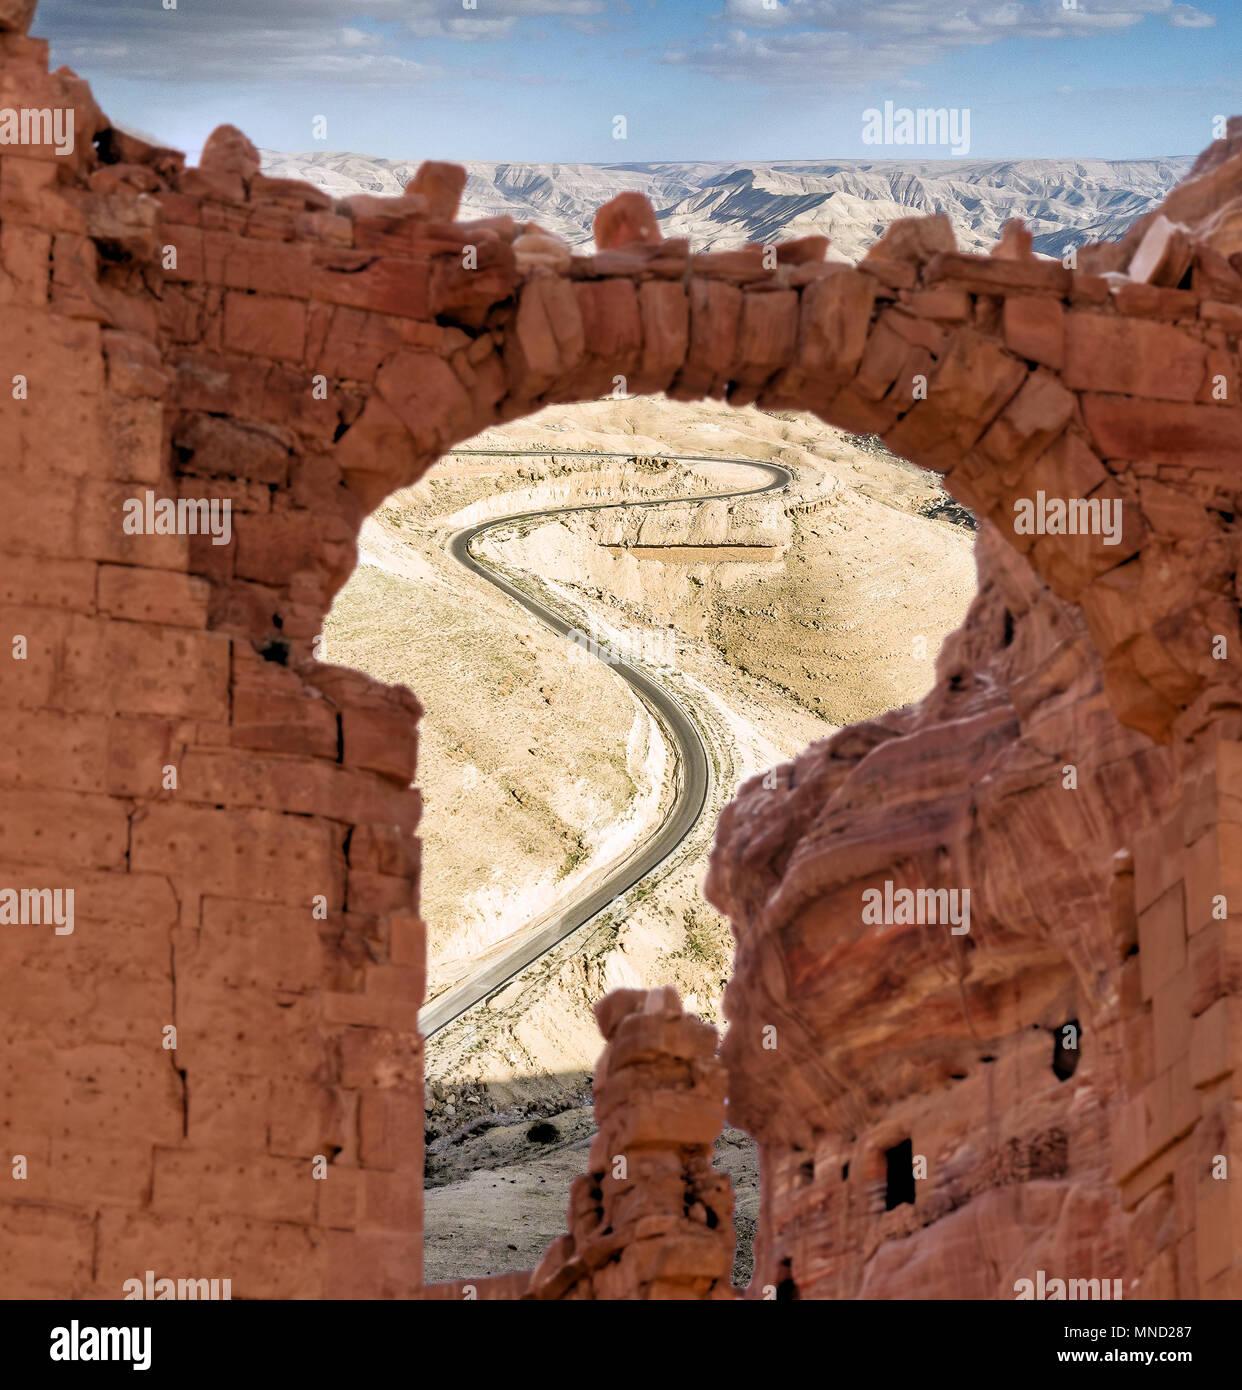 Vue à travers une ruine d'une route escarpée avec des serpentins dans les hautes terres de Jordanie, photographie composite Photo Stock